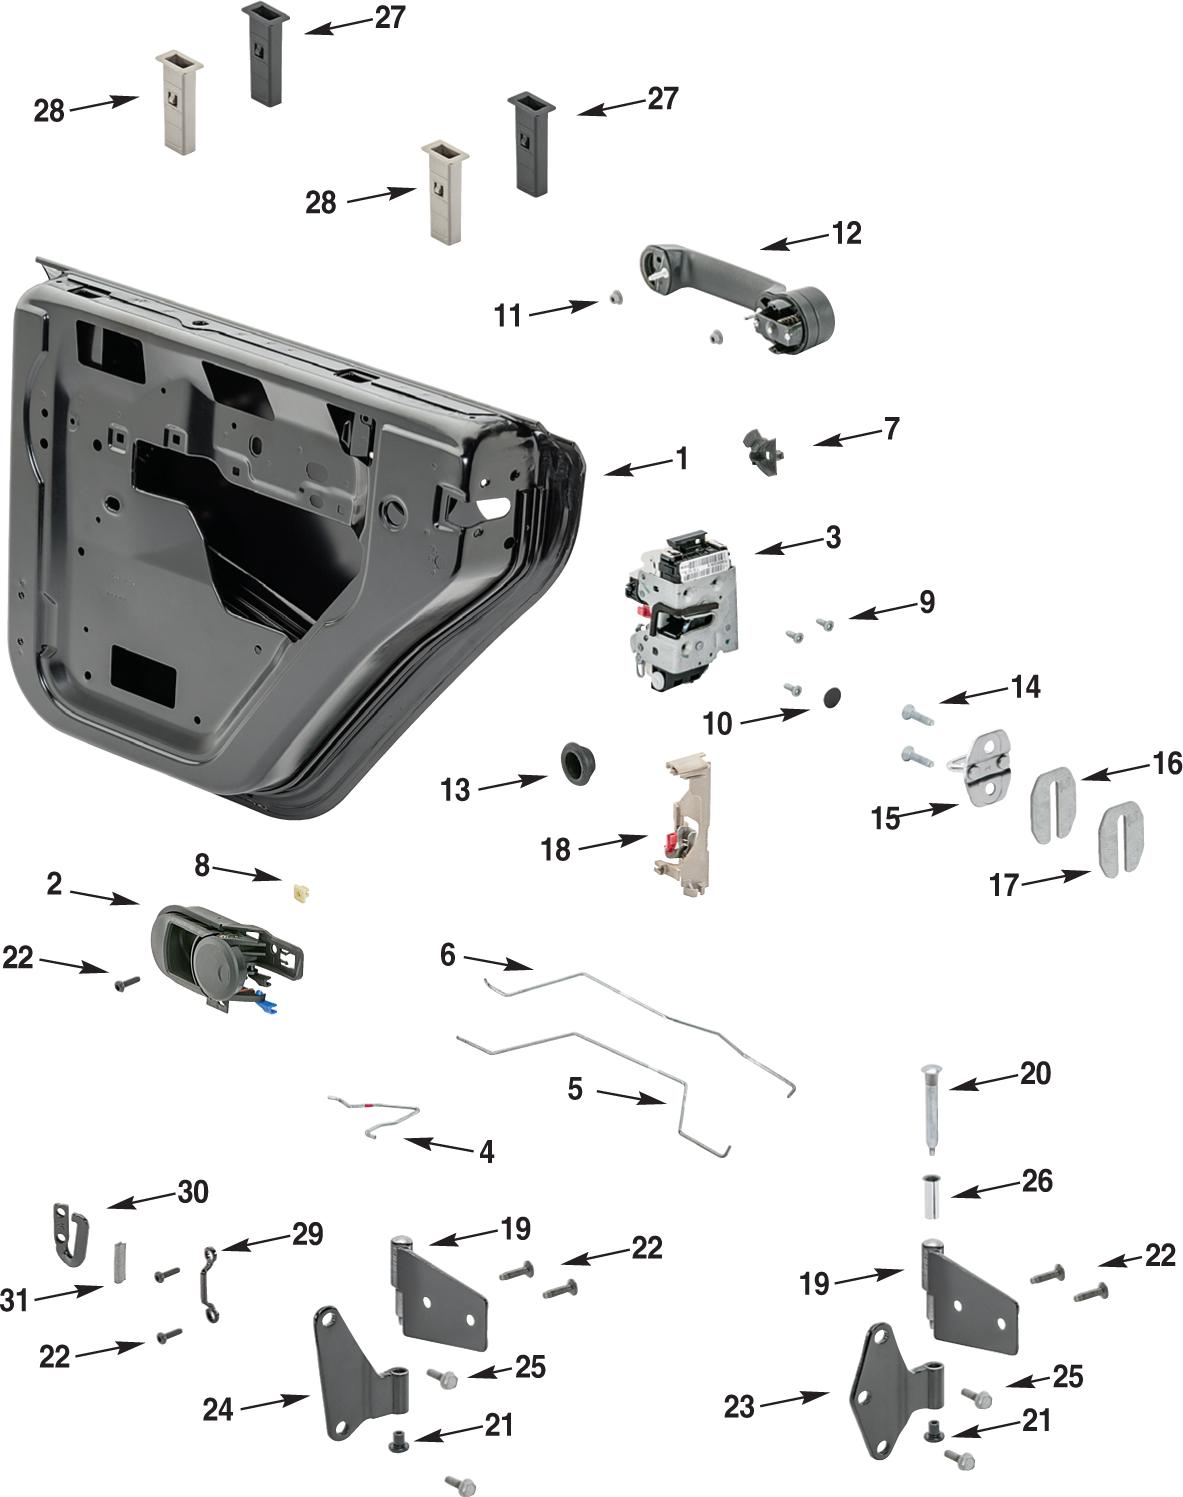 Jeep Wrangler Jk Parts Diagram : wrangler, parts, diagram, Wrangler, Steel, Parts, Quadratec